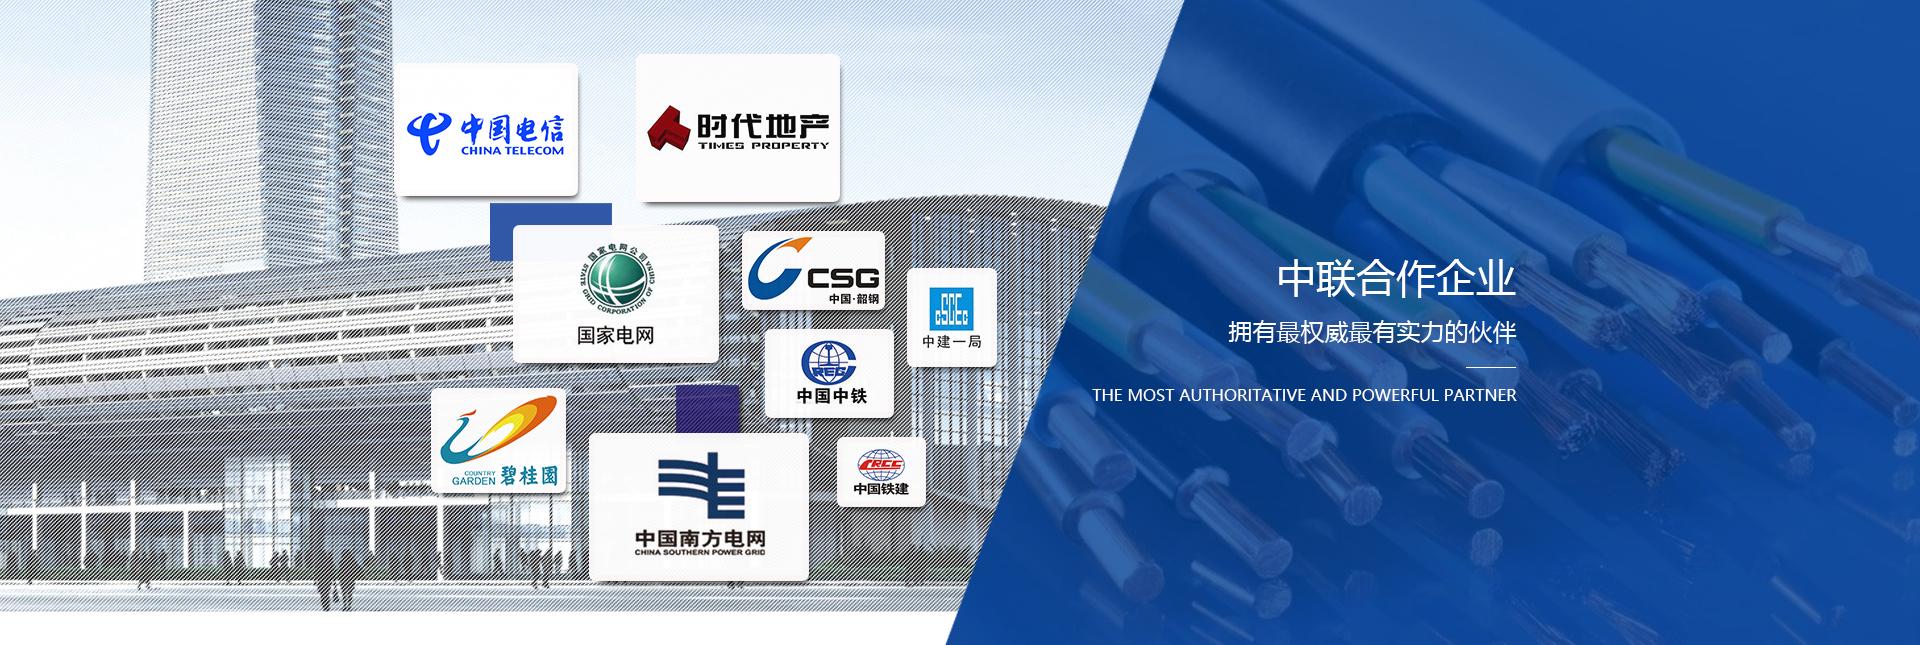 合作伙伴_中联电缆_广州分站